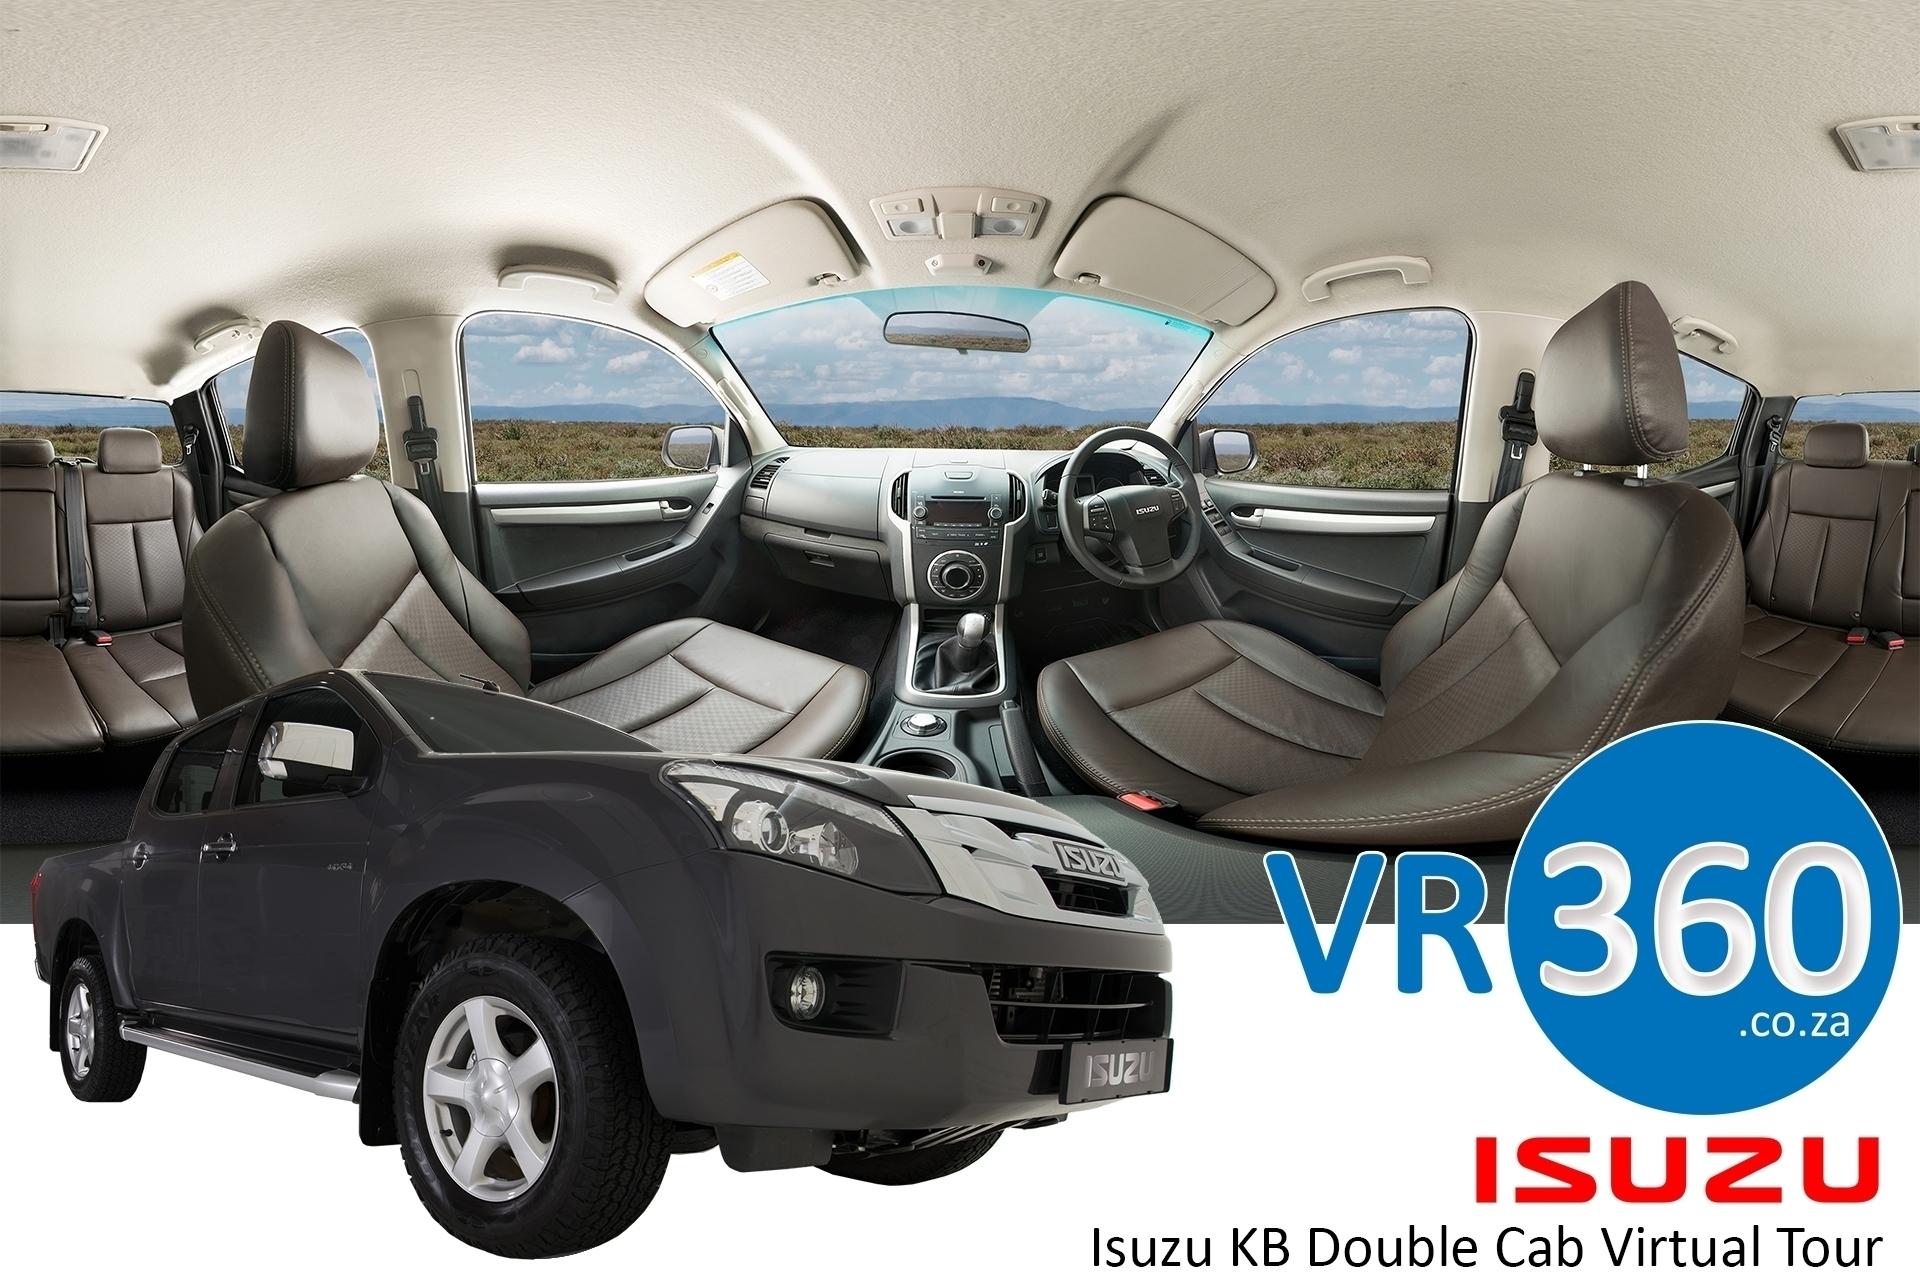 isuzu-kb-double-cab-virtual-tour